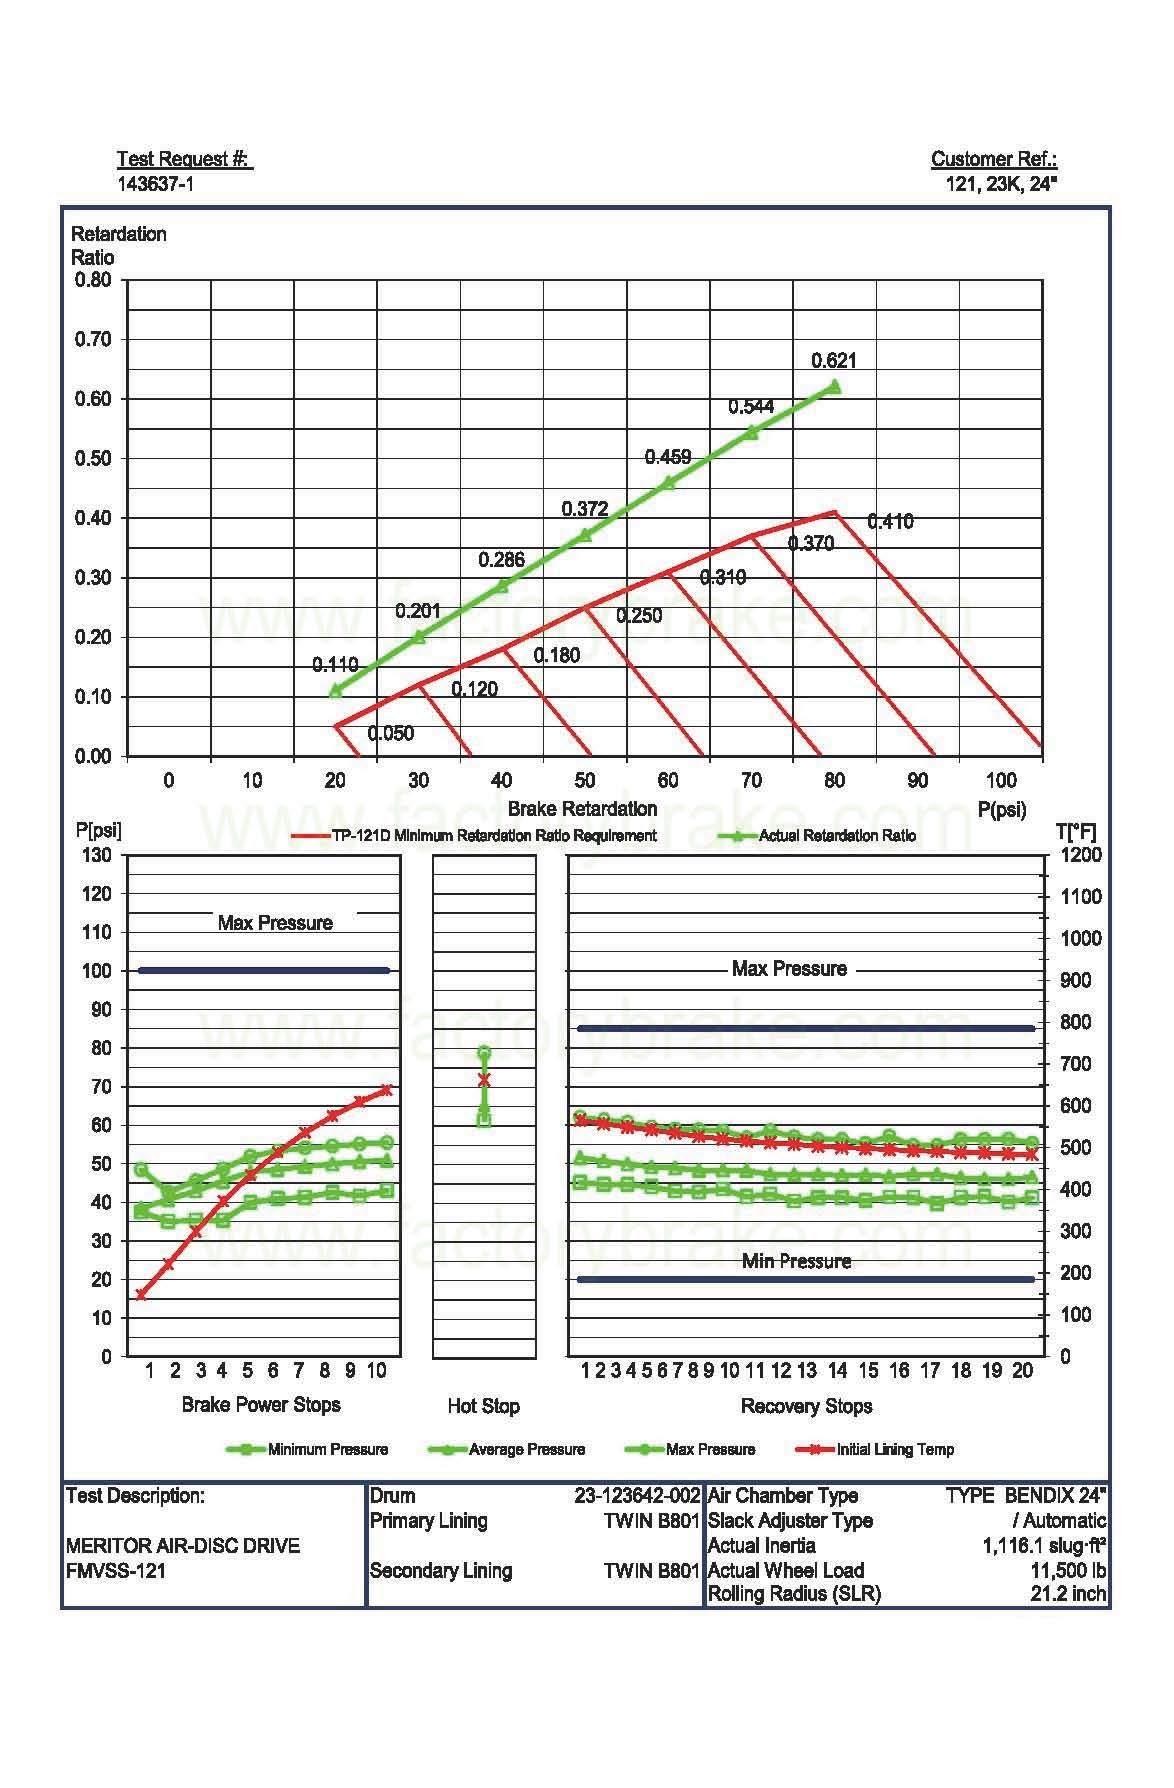 for Benz Auto Parts/Truck Part Brake Pad Wva 29202/29087/29244/29245/29253/29108